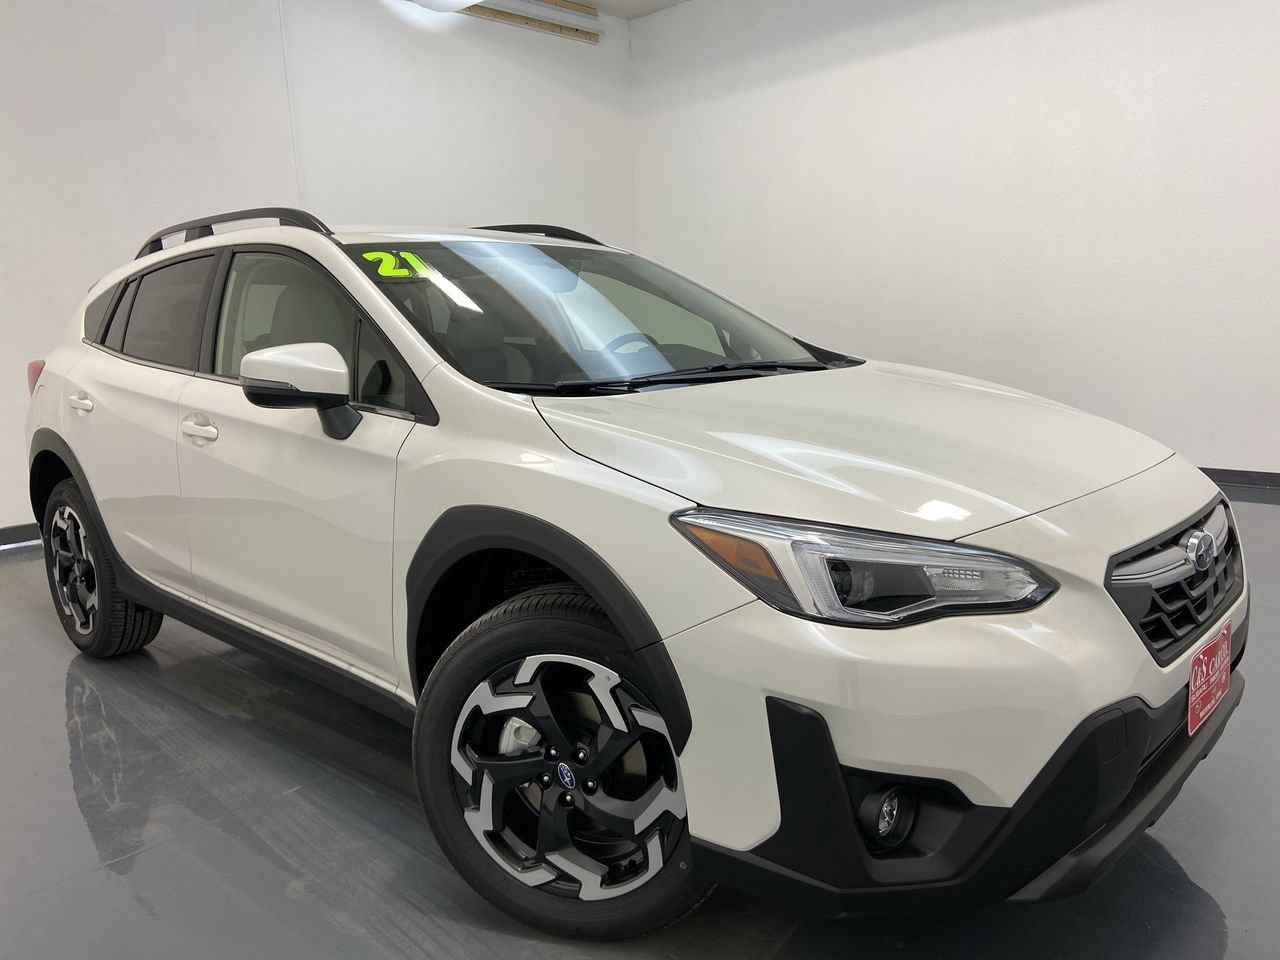 2021 Subaru Crosstrek  - SB9254  - C & S Car Company